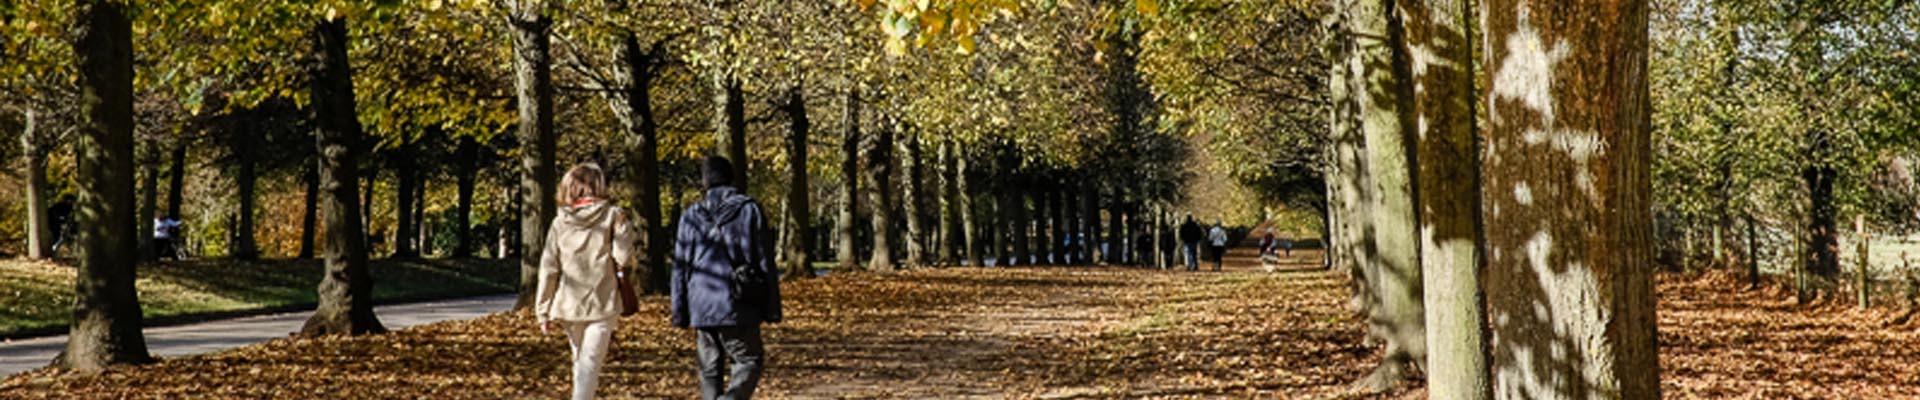 Automne dans le parc du Château de Versailles